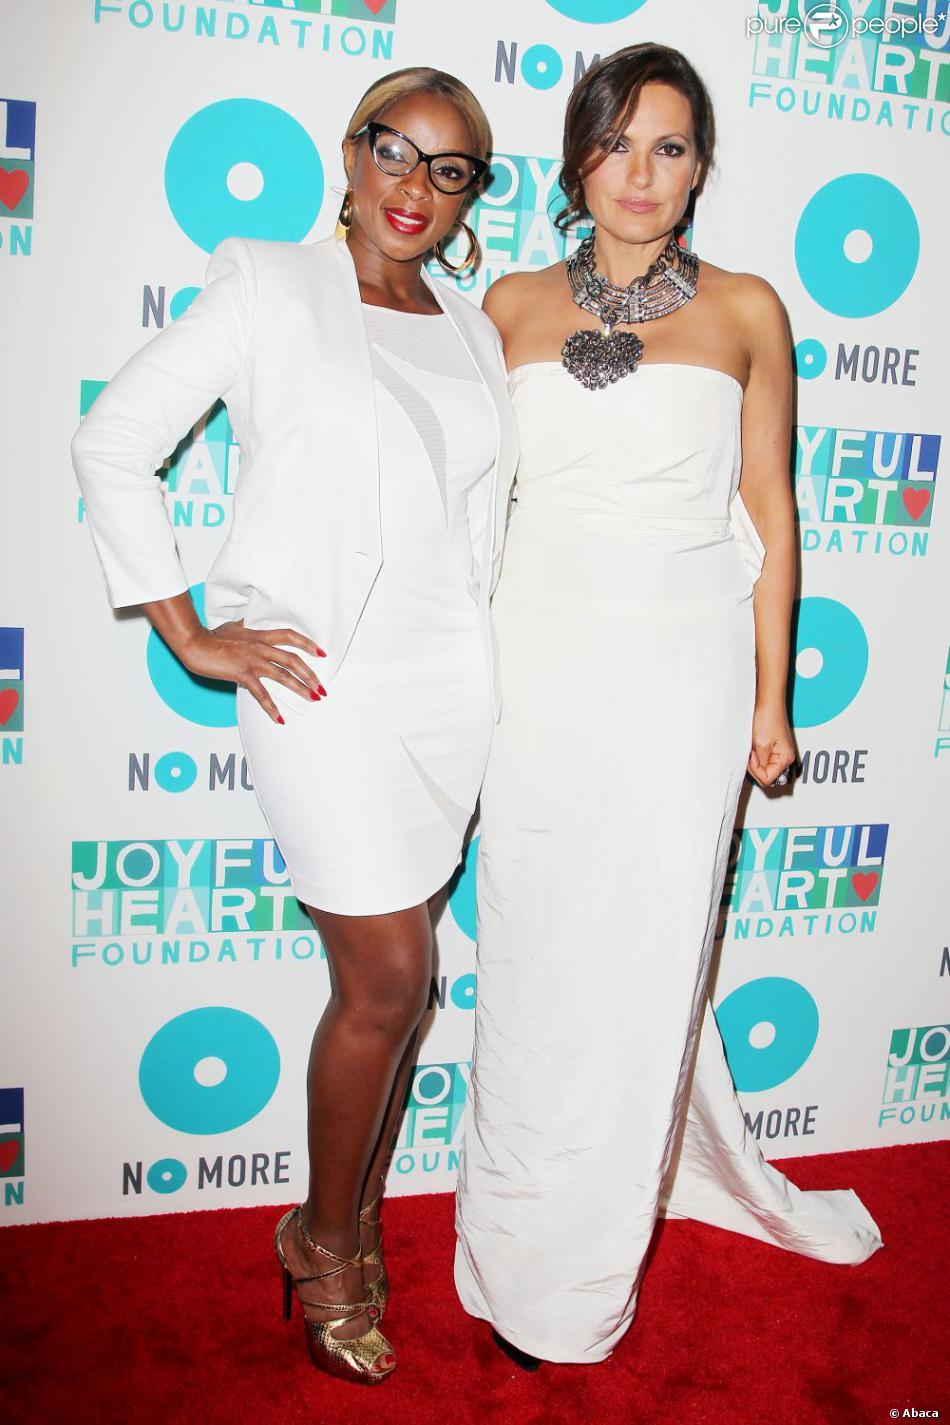 Mary J. Blige et Mariska Hargitay à la soirée de charité organisée par la  Joyful Heart Foundation  à New York, le 9 mai 2013.